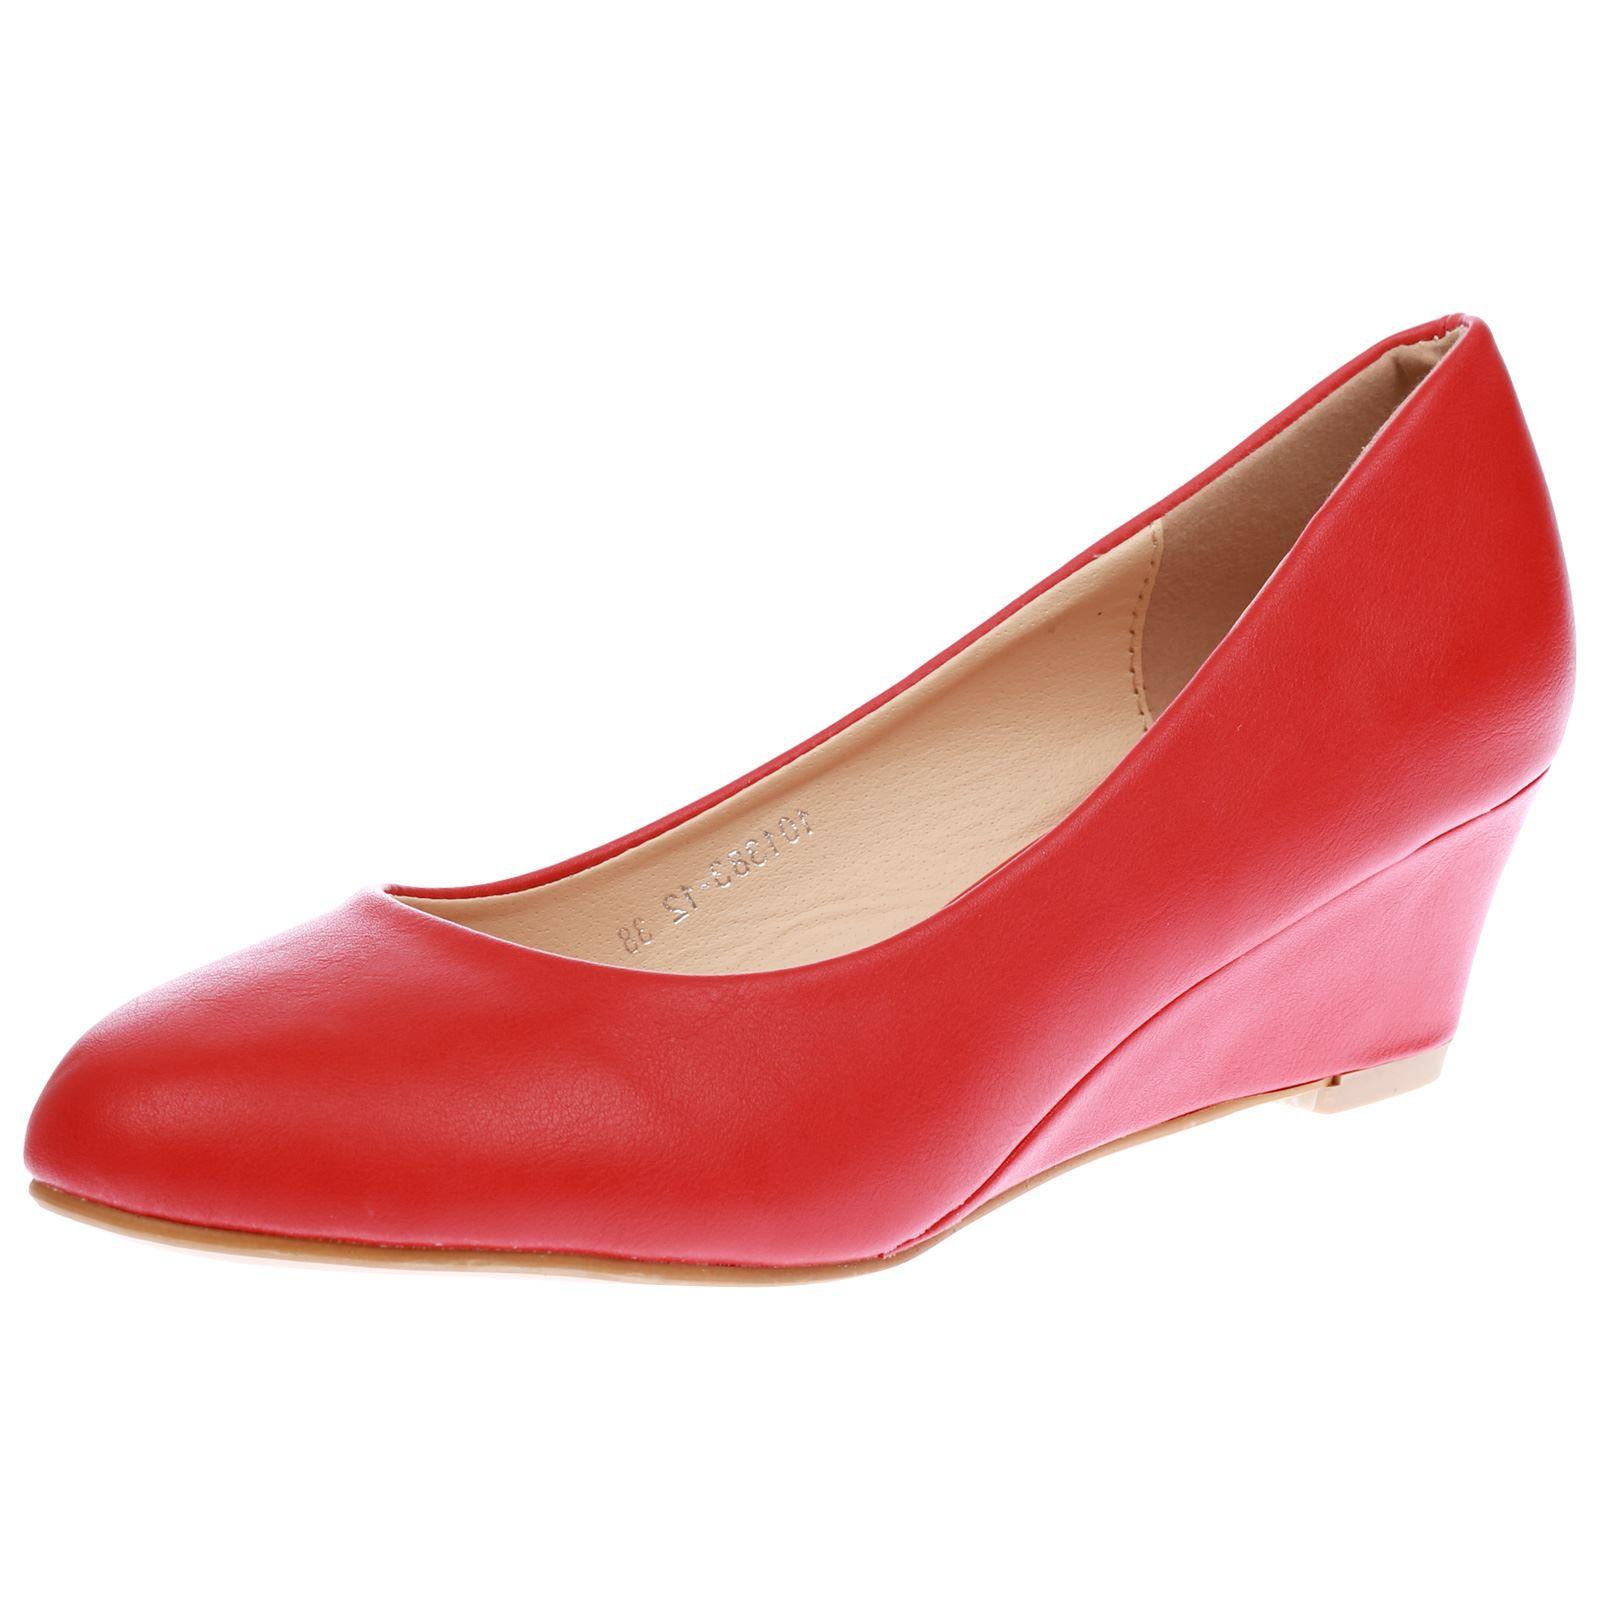 chaussures femme talons compenses femme talons plats travail bureau cour chaussures escarpins. Black Bedroom Furniture Sets. Home Design Ideas